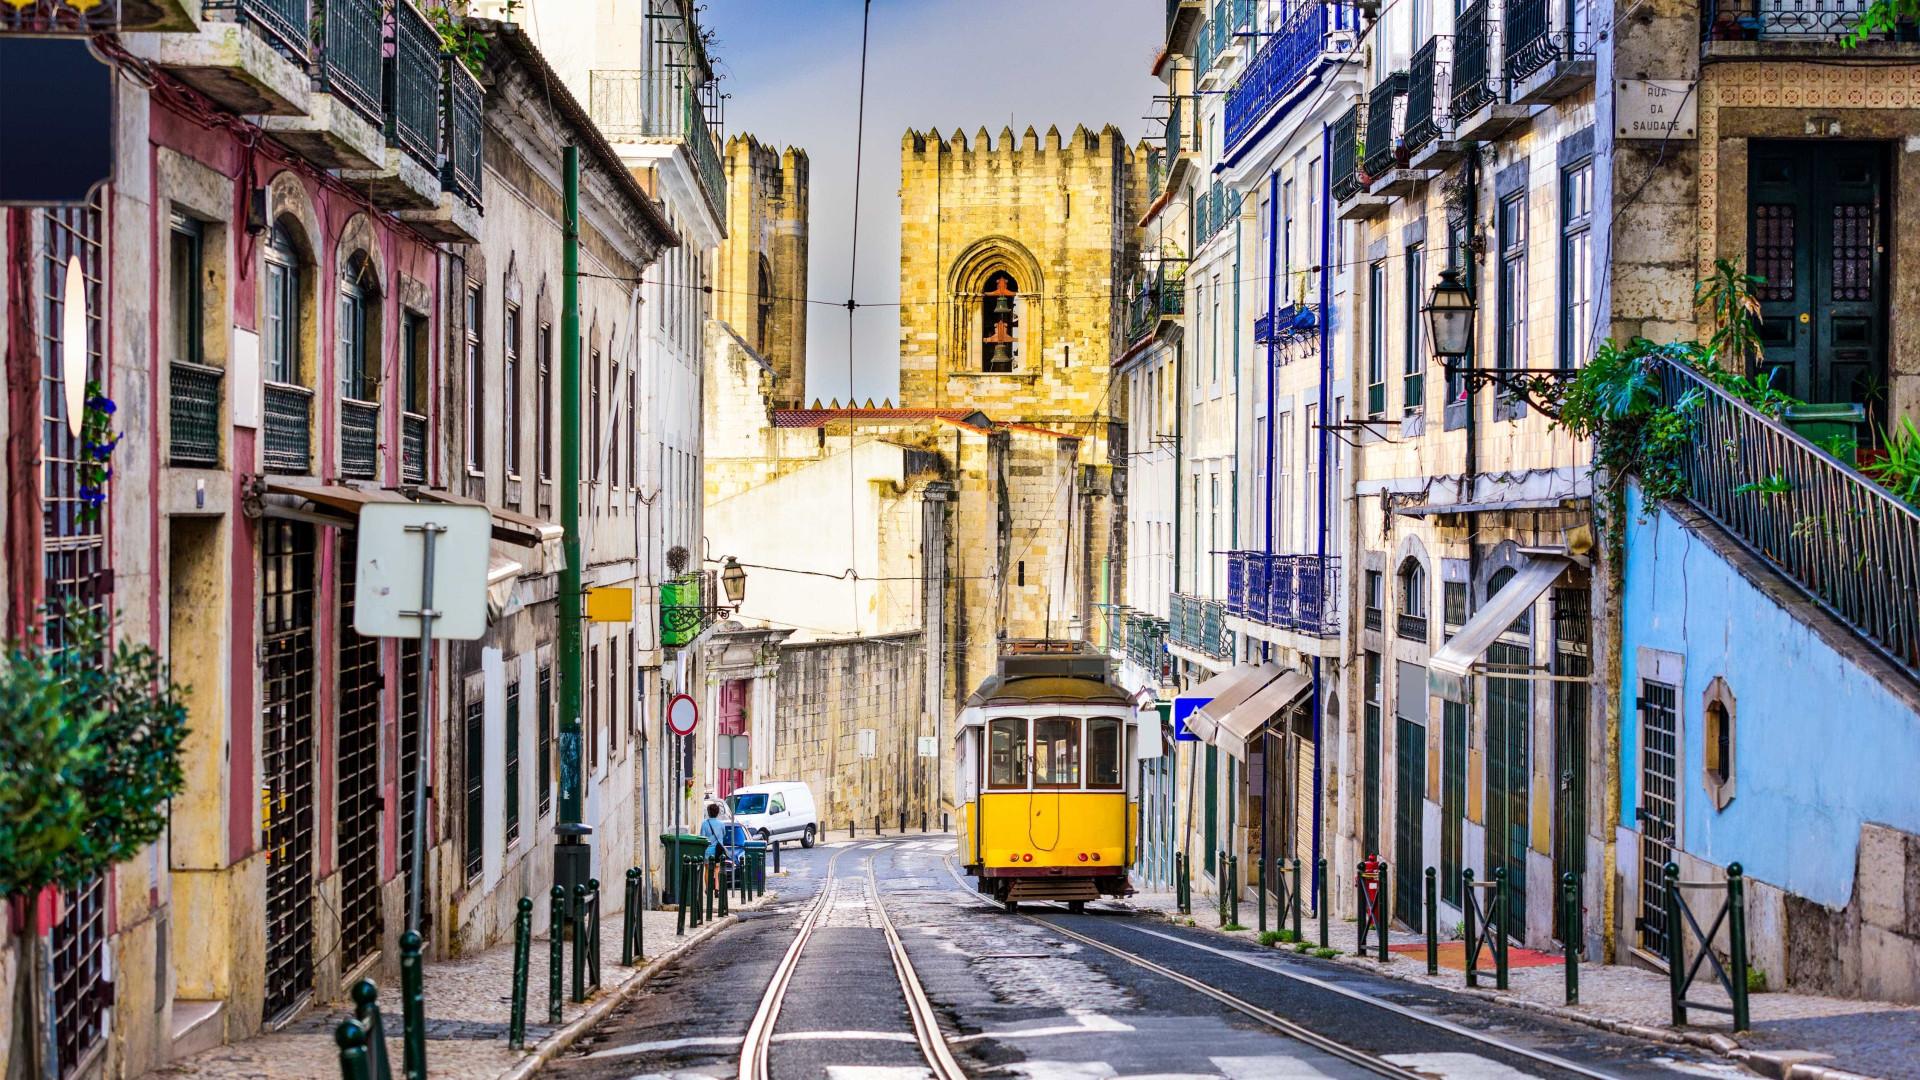 Turismo de Portugal orgulhoso com distinção de melhor destino europeu